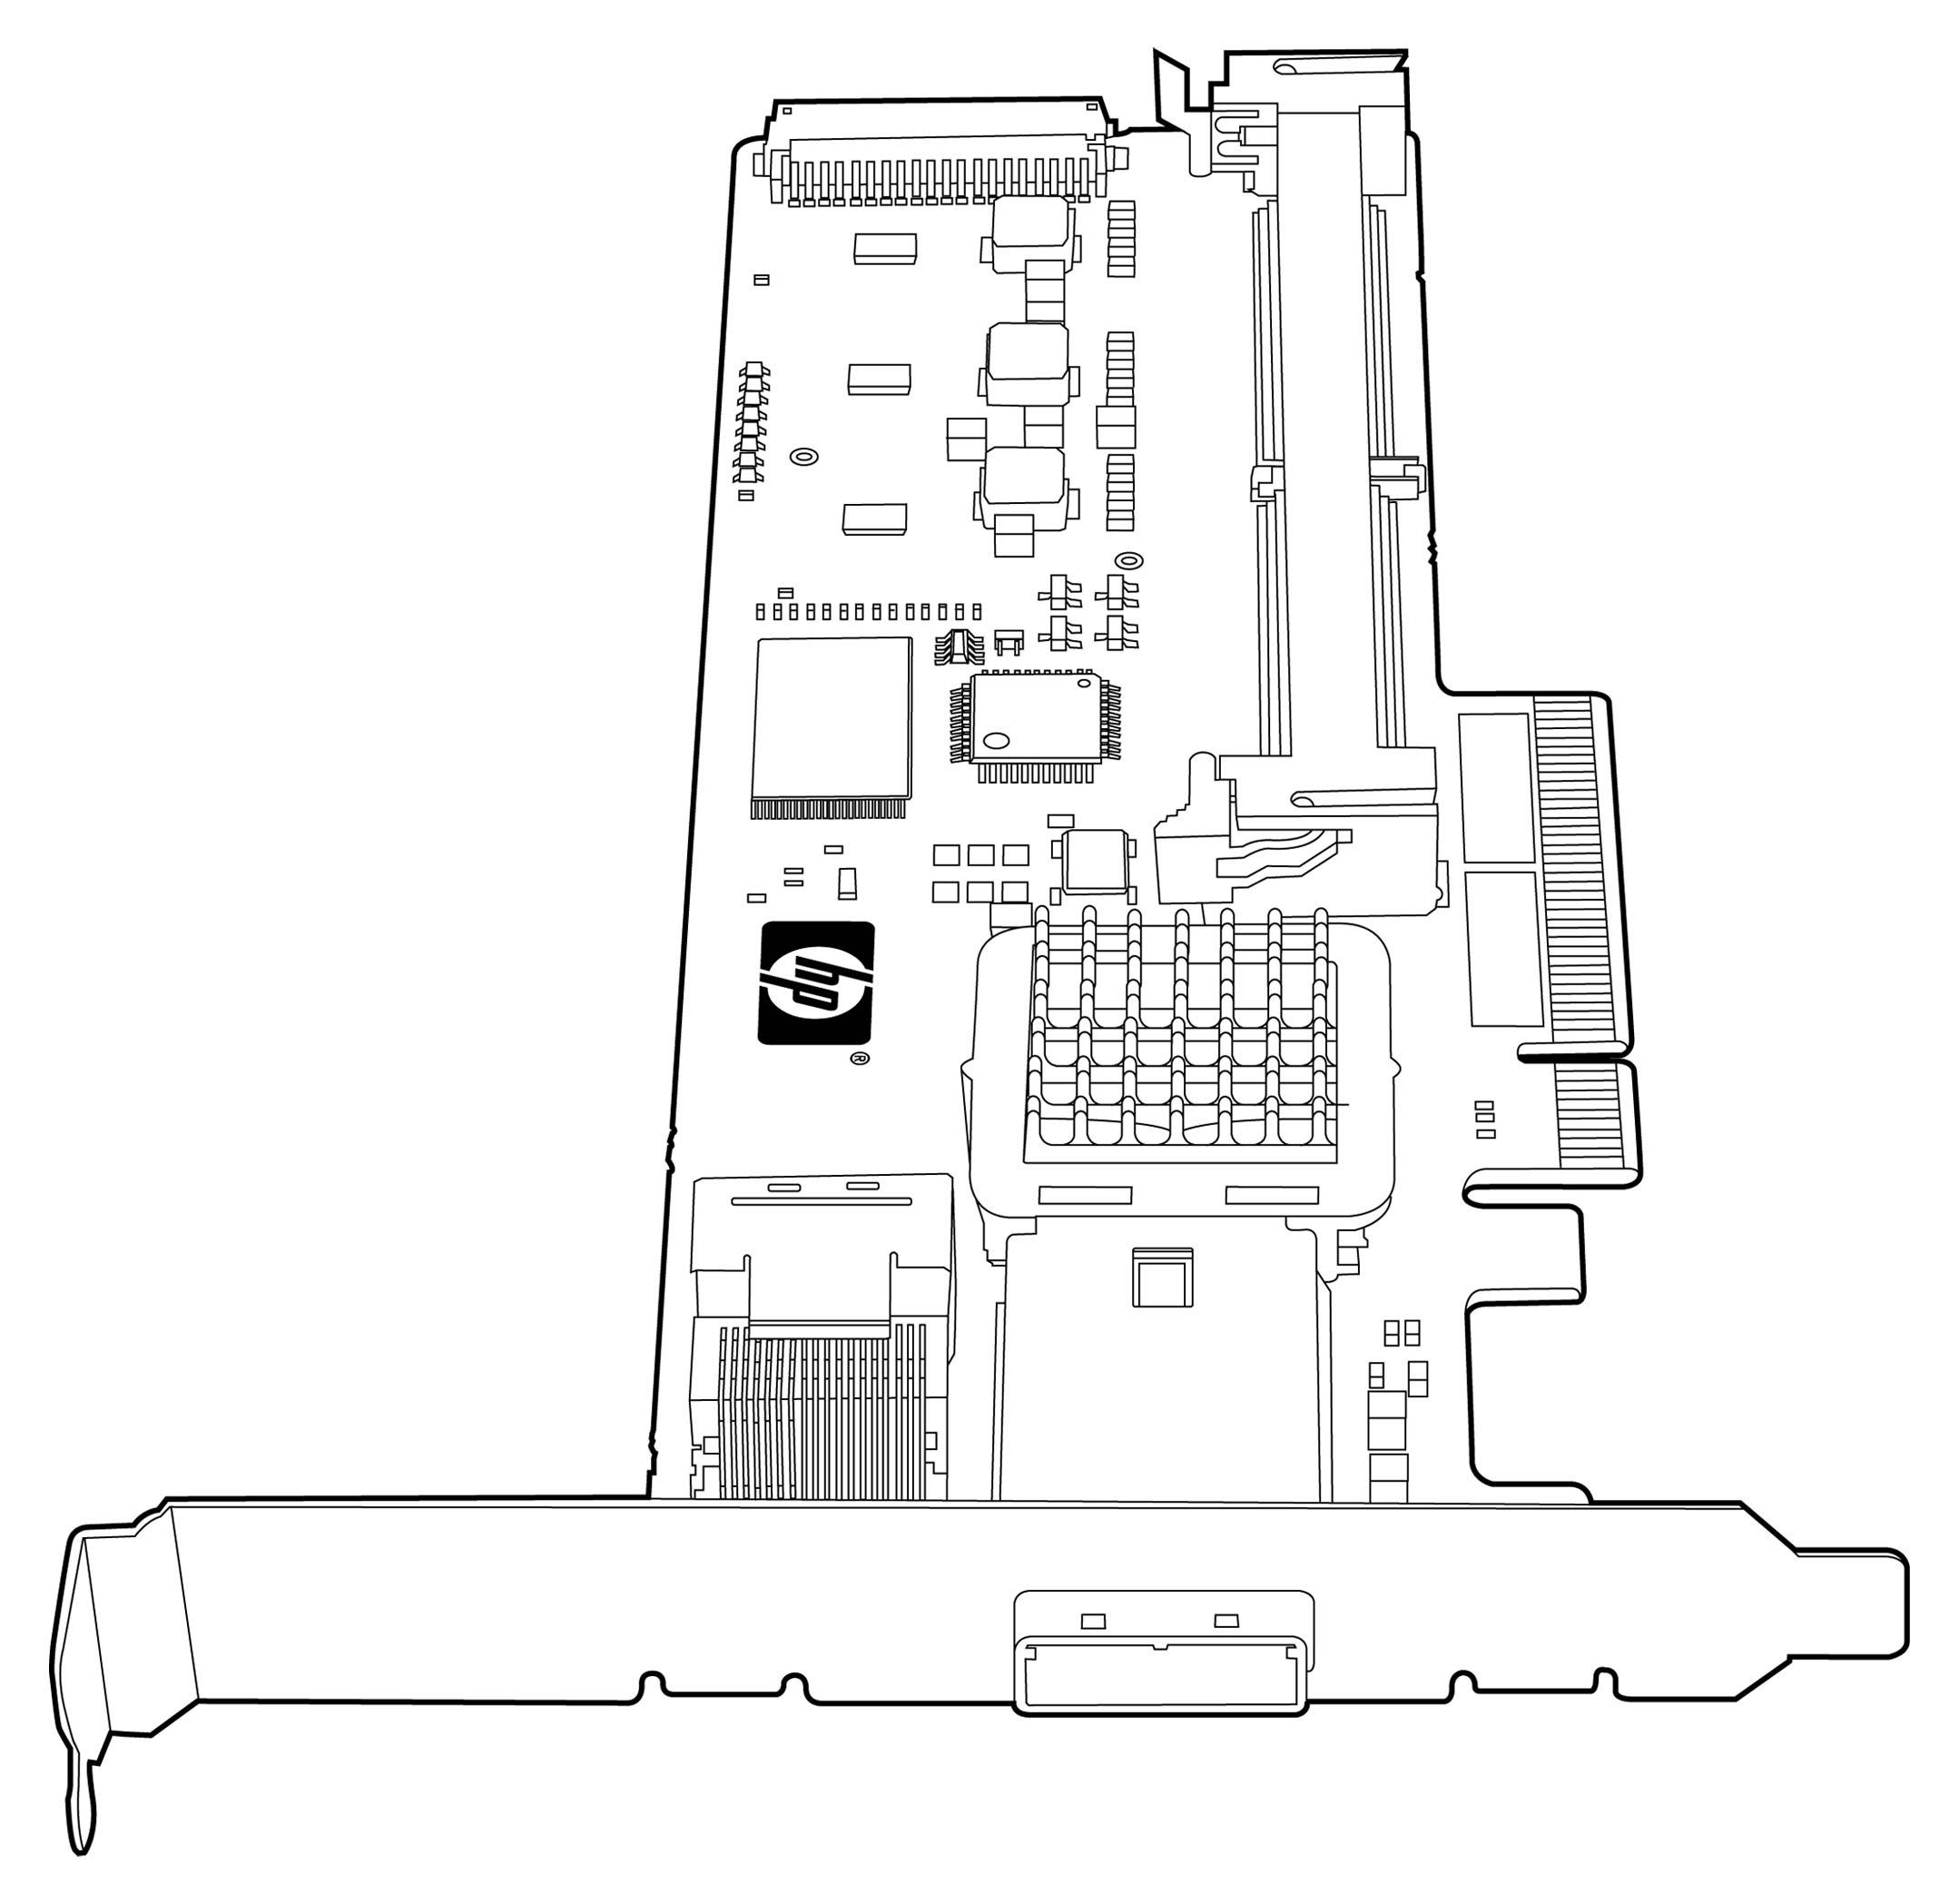 HP MSA60 QUICKSPECS PDF